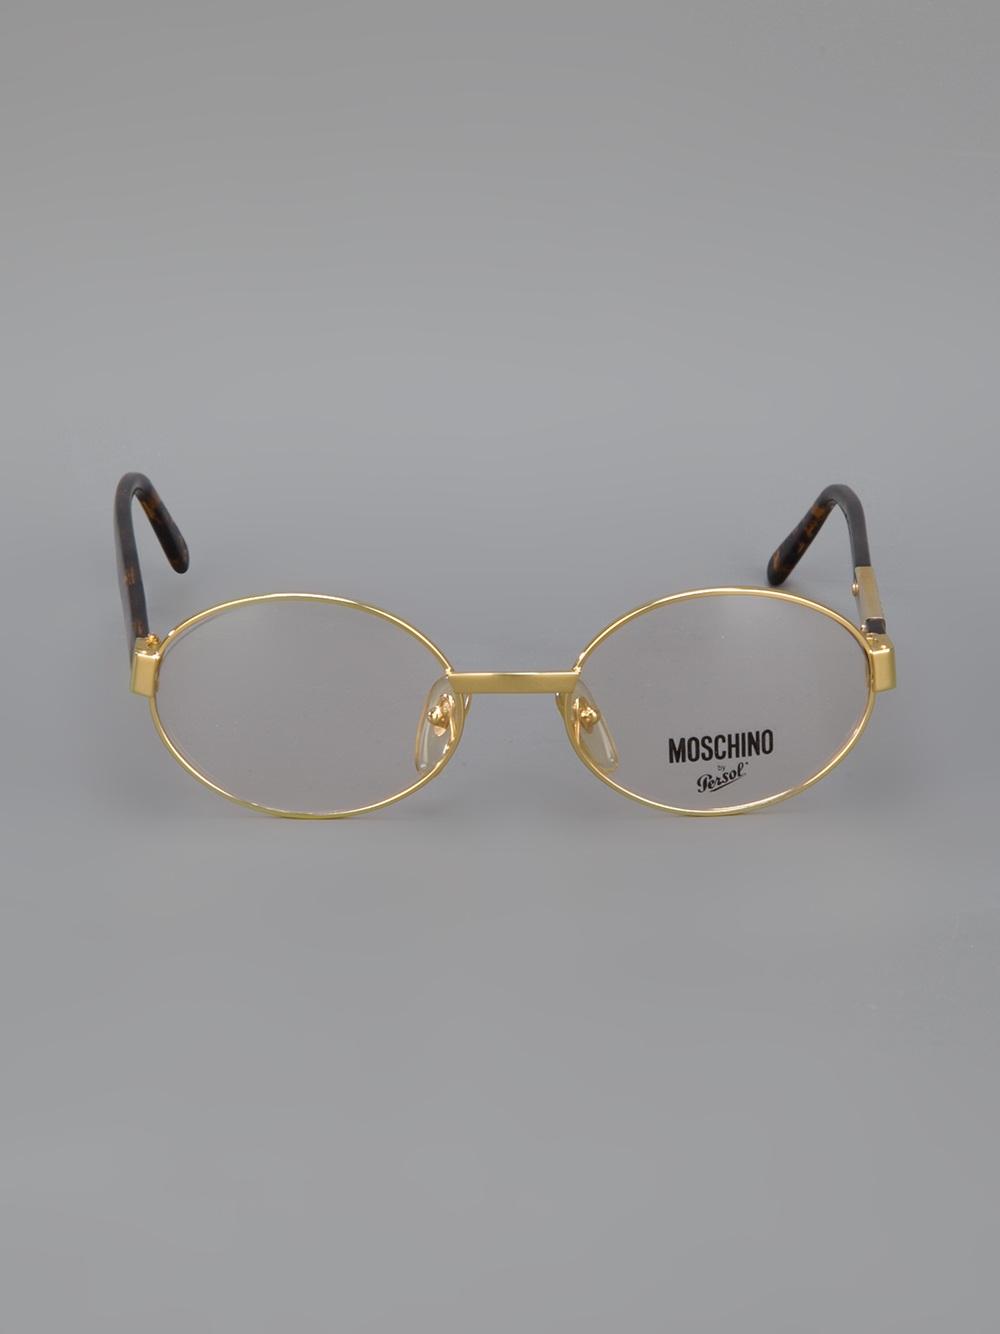 Modern Glasses With Gold Frames Gift - Framed Art Ideas ...